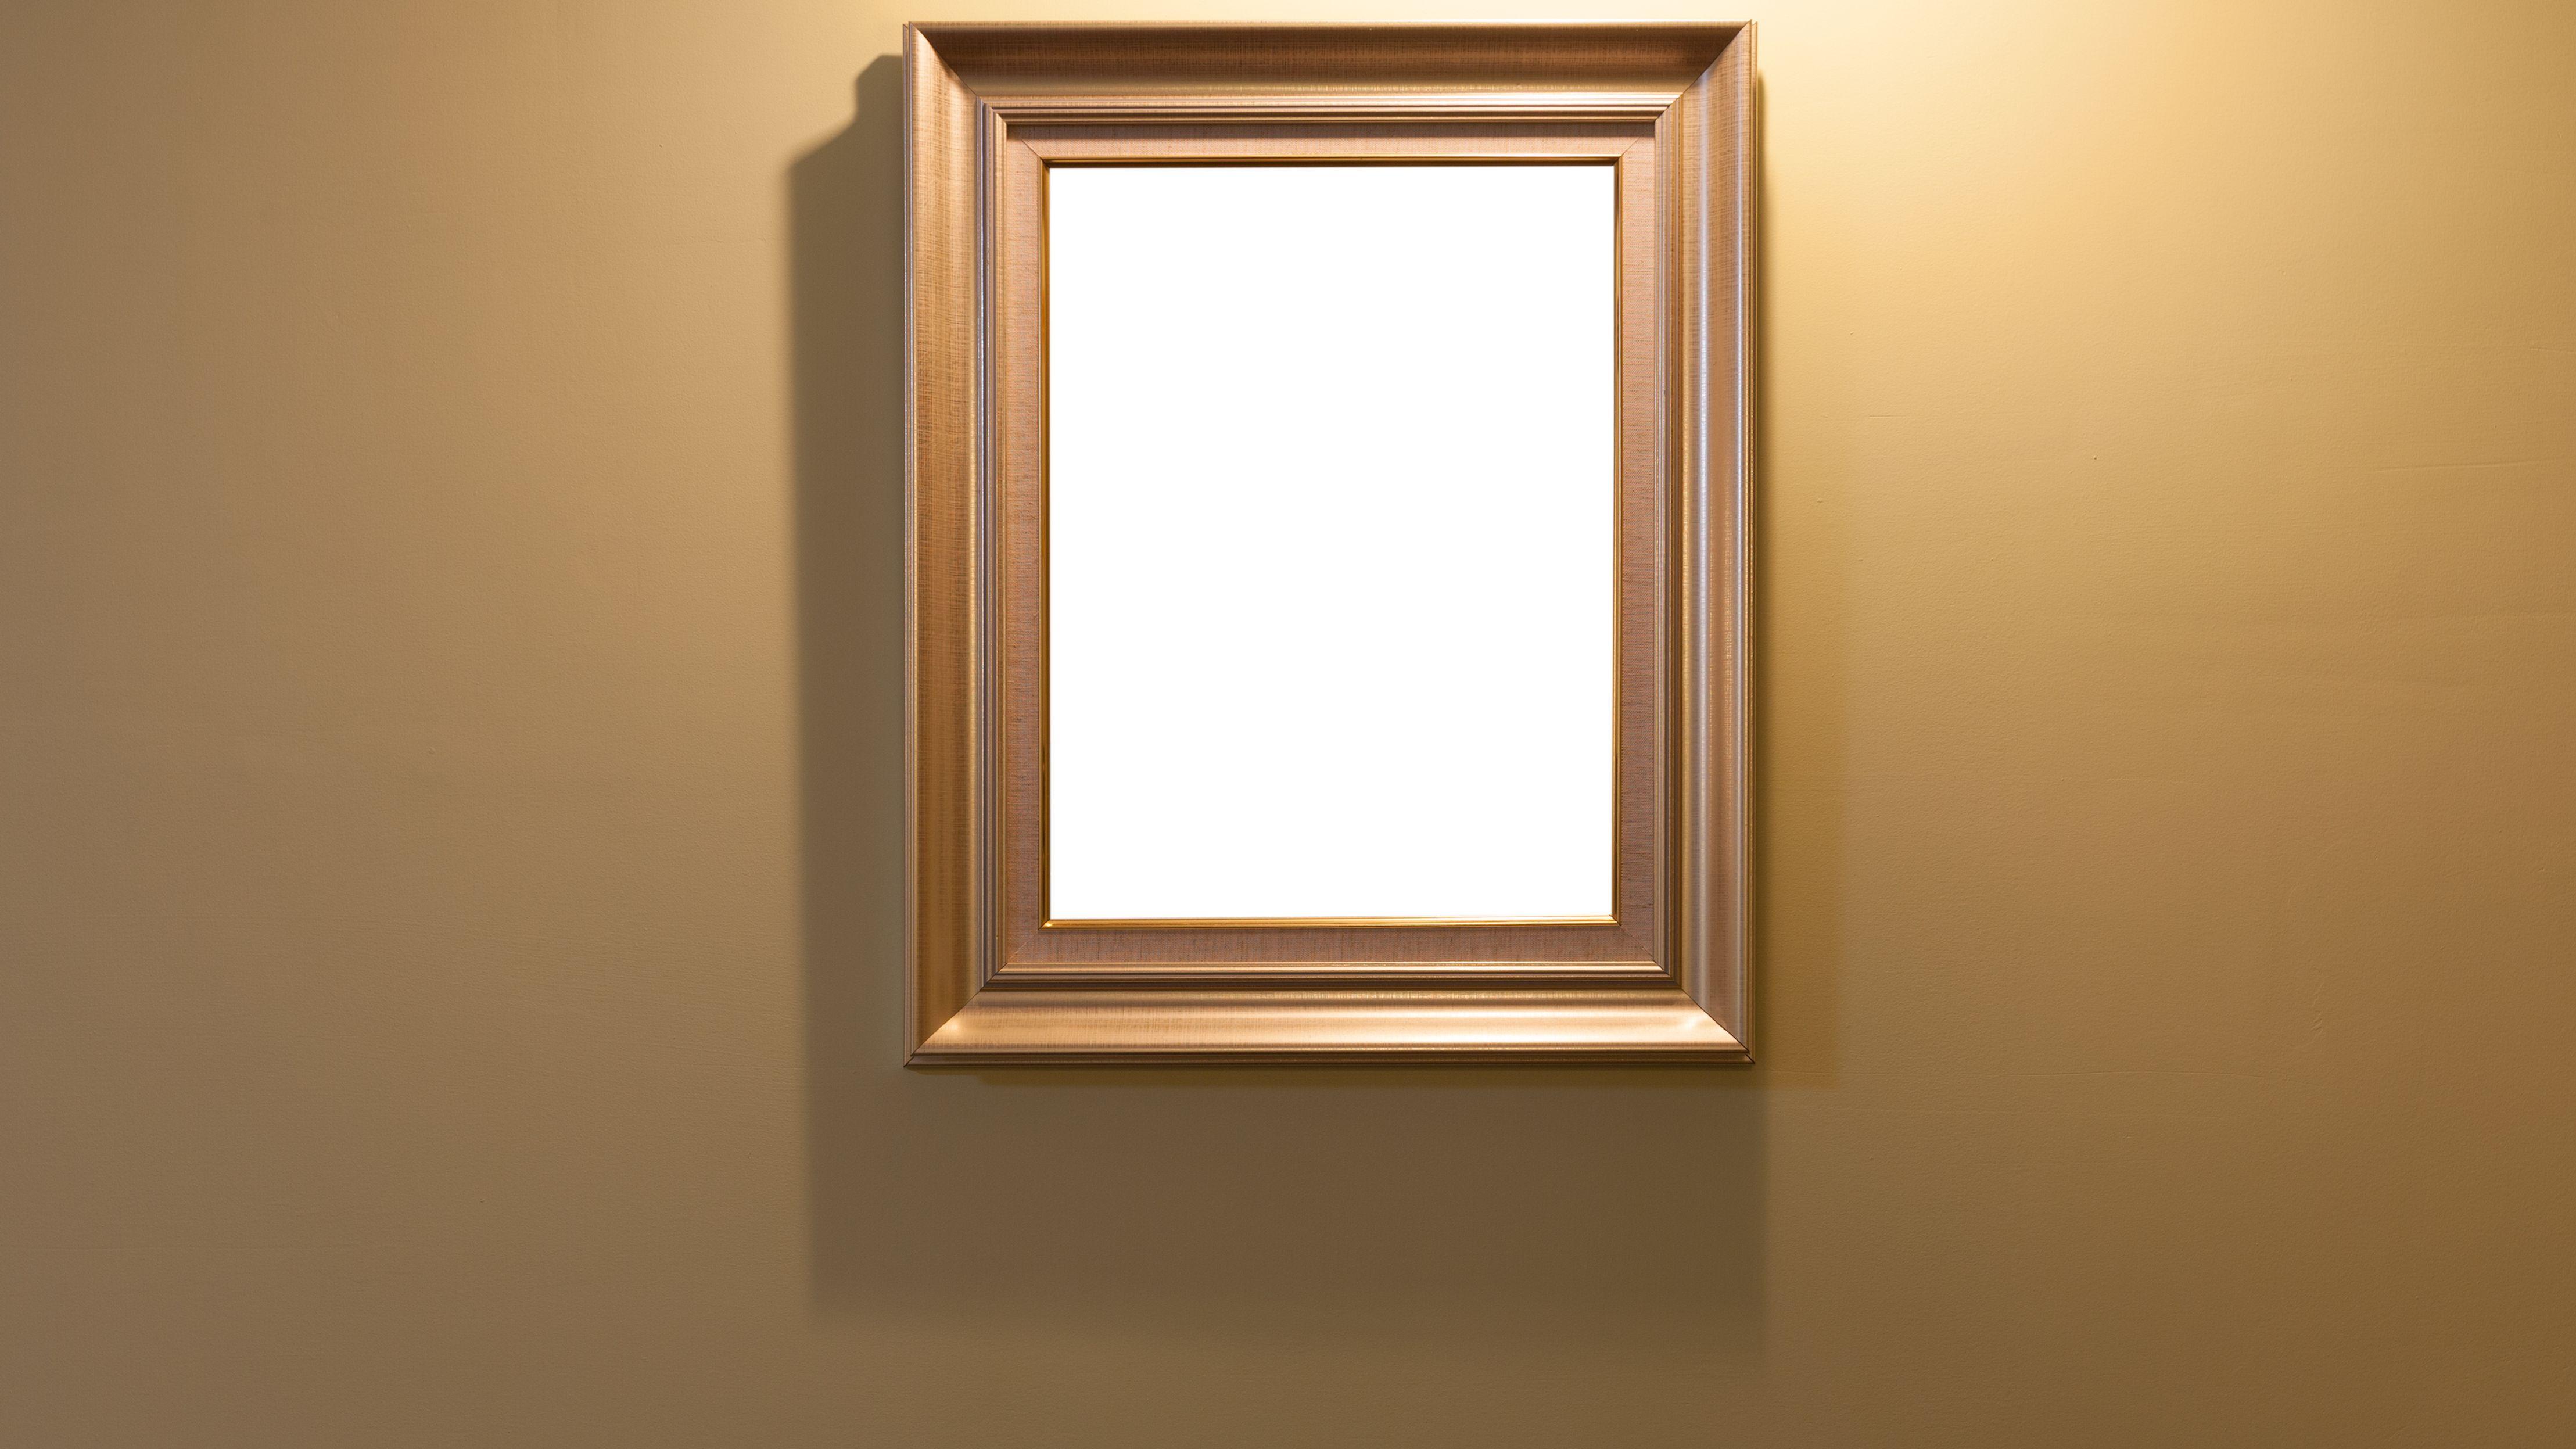 Cómo iluminar un cuadro, una pintura o un espejo